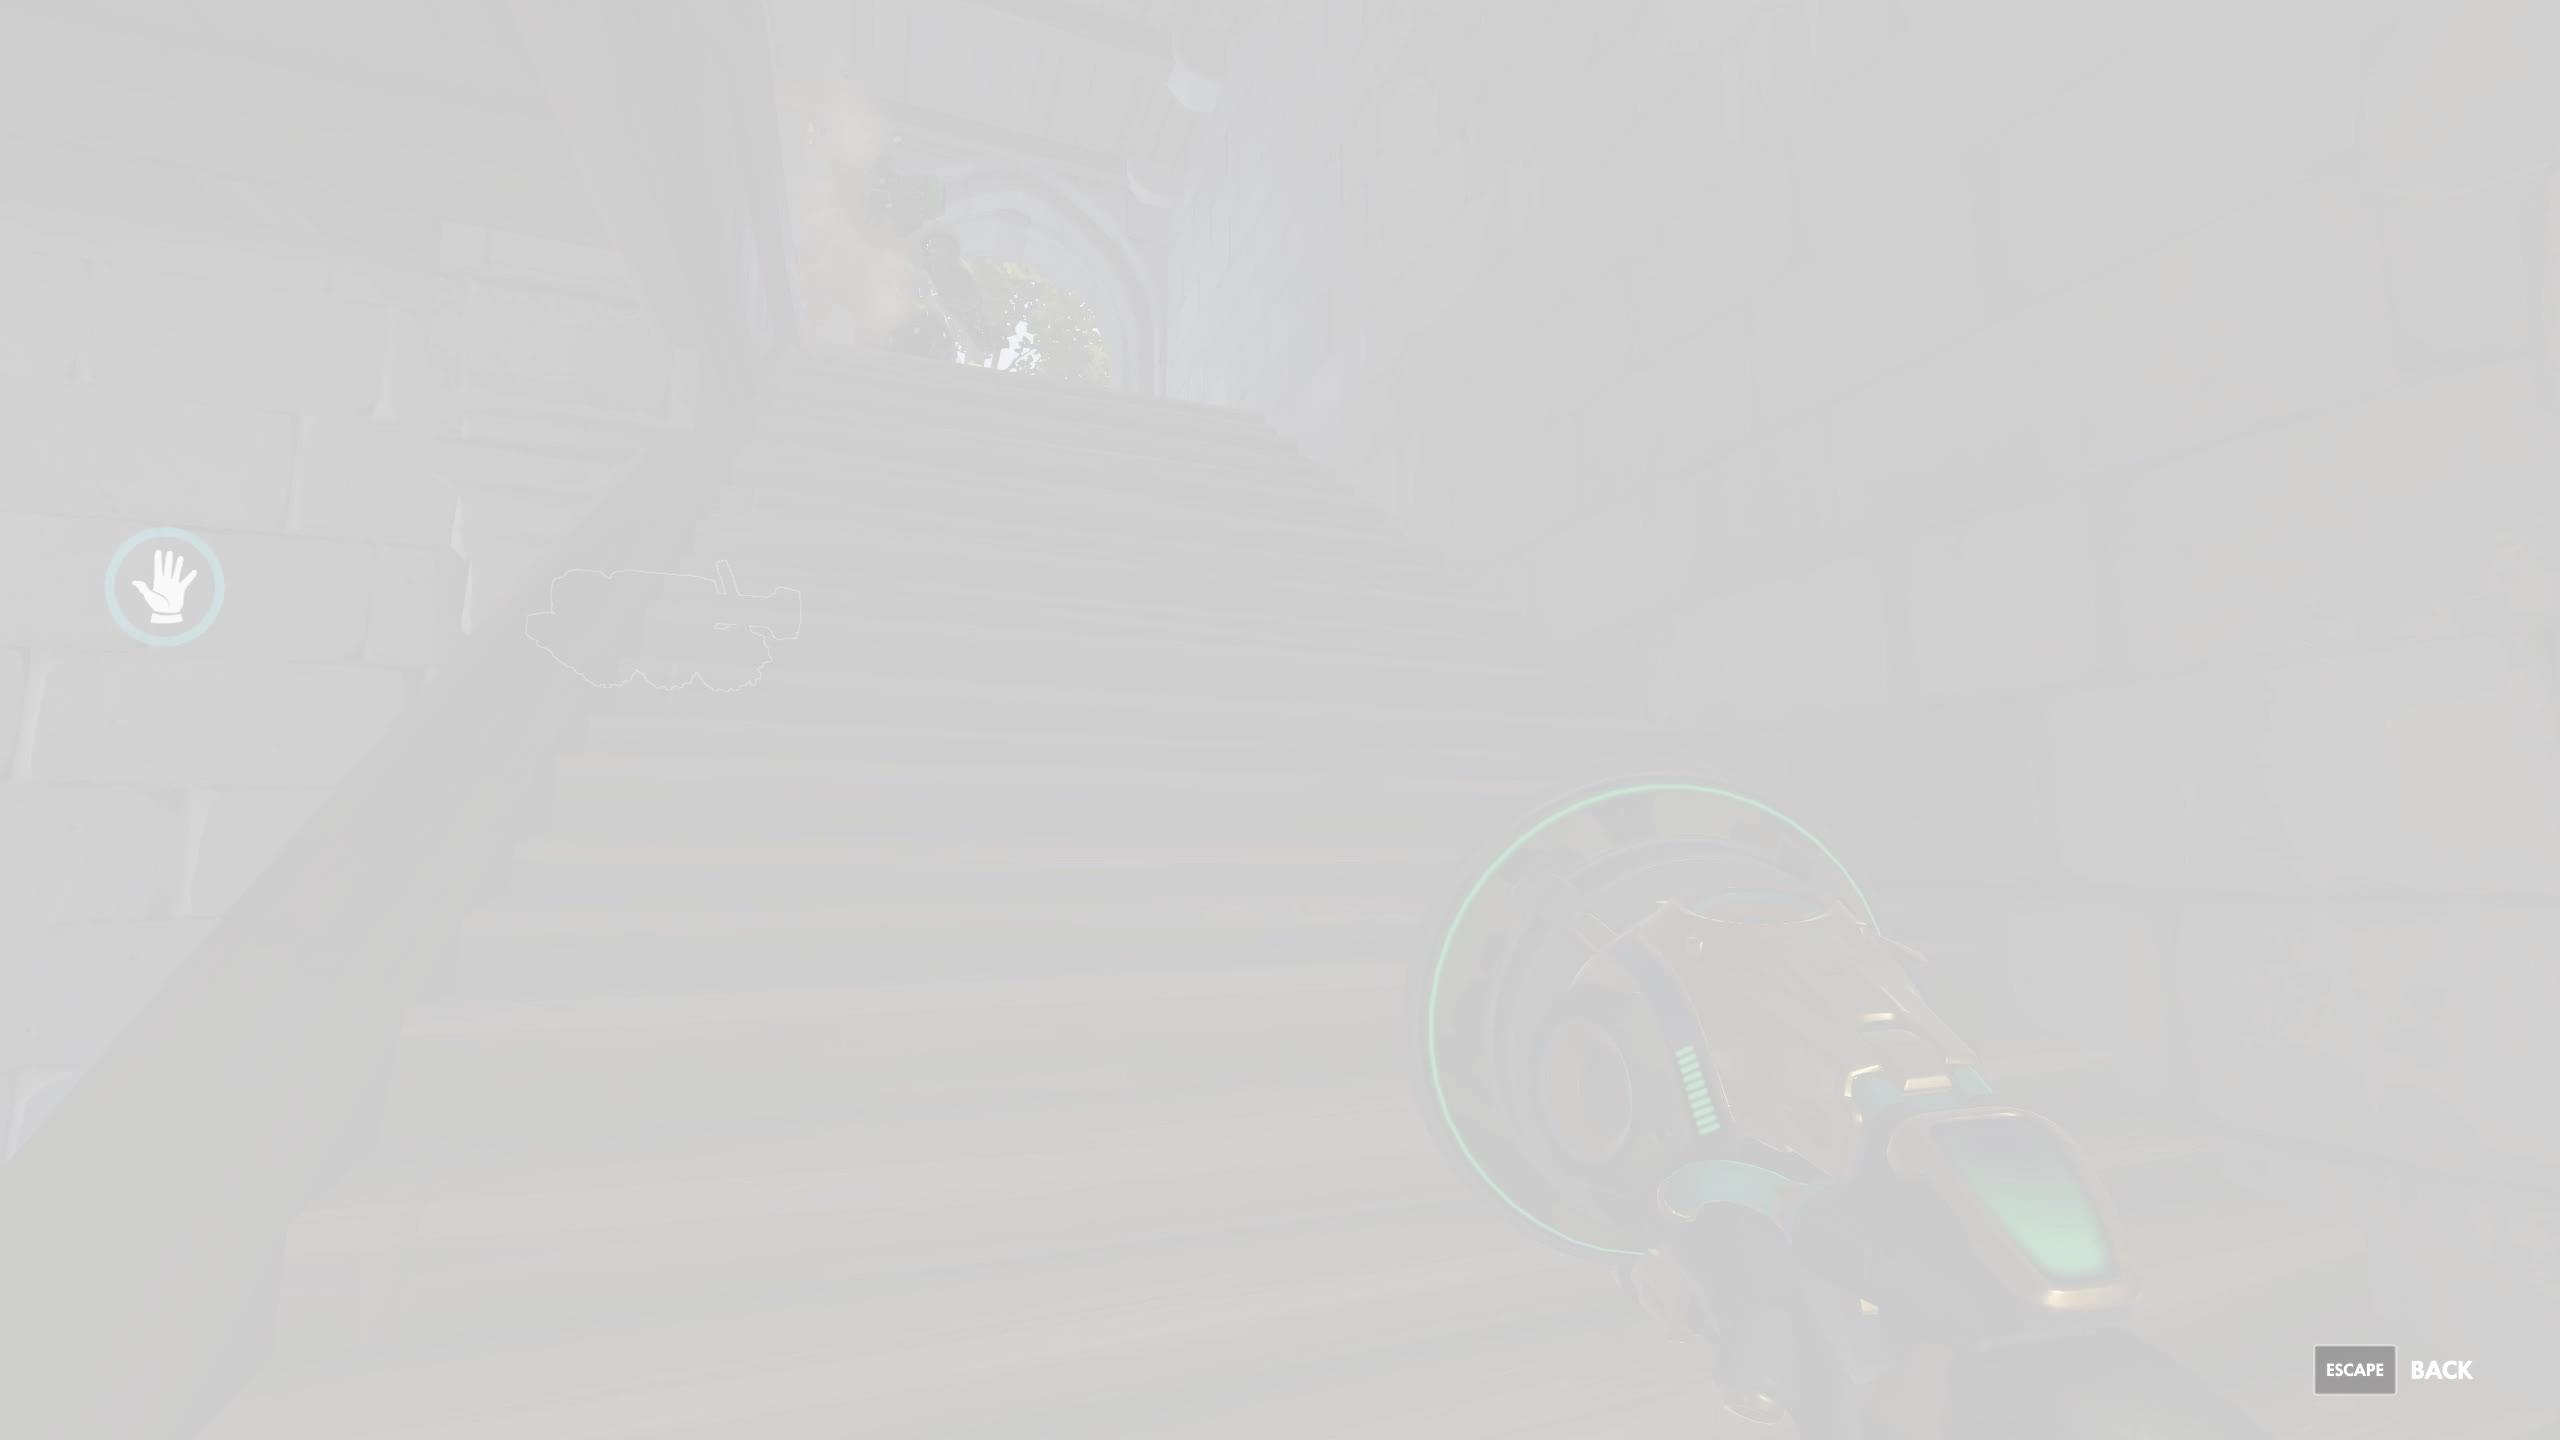 PTR Lúcio can boop sentry mode Bastion